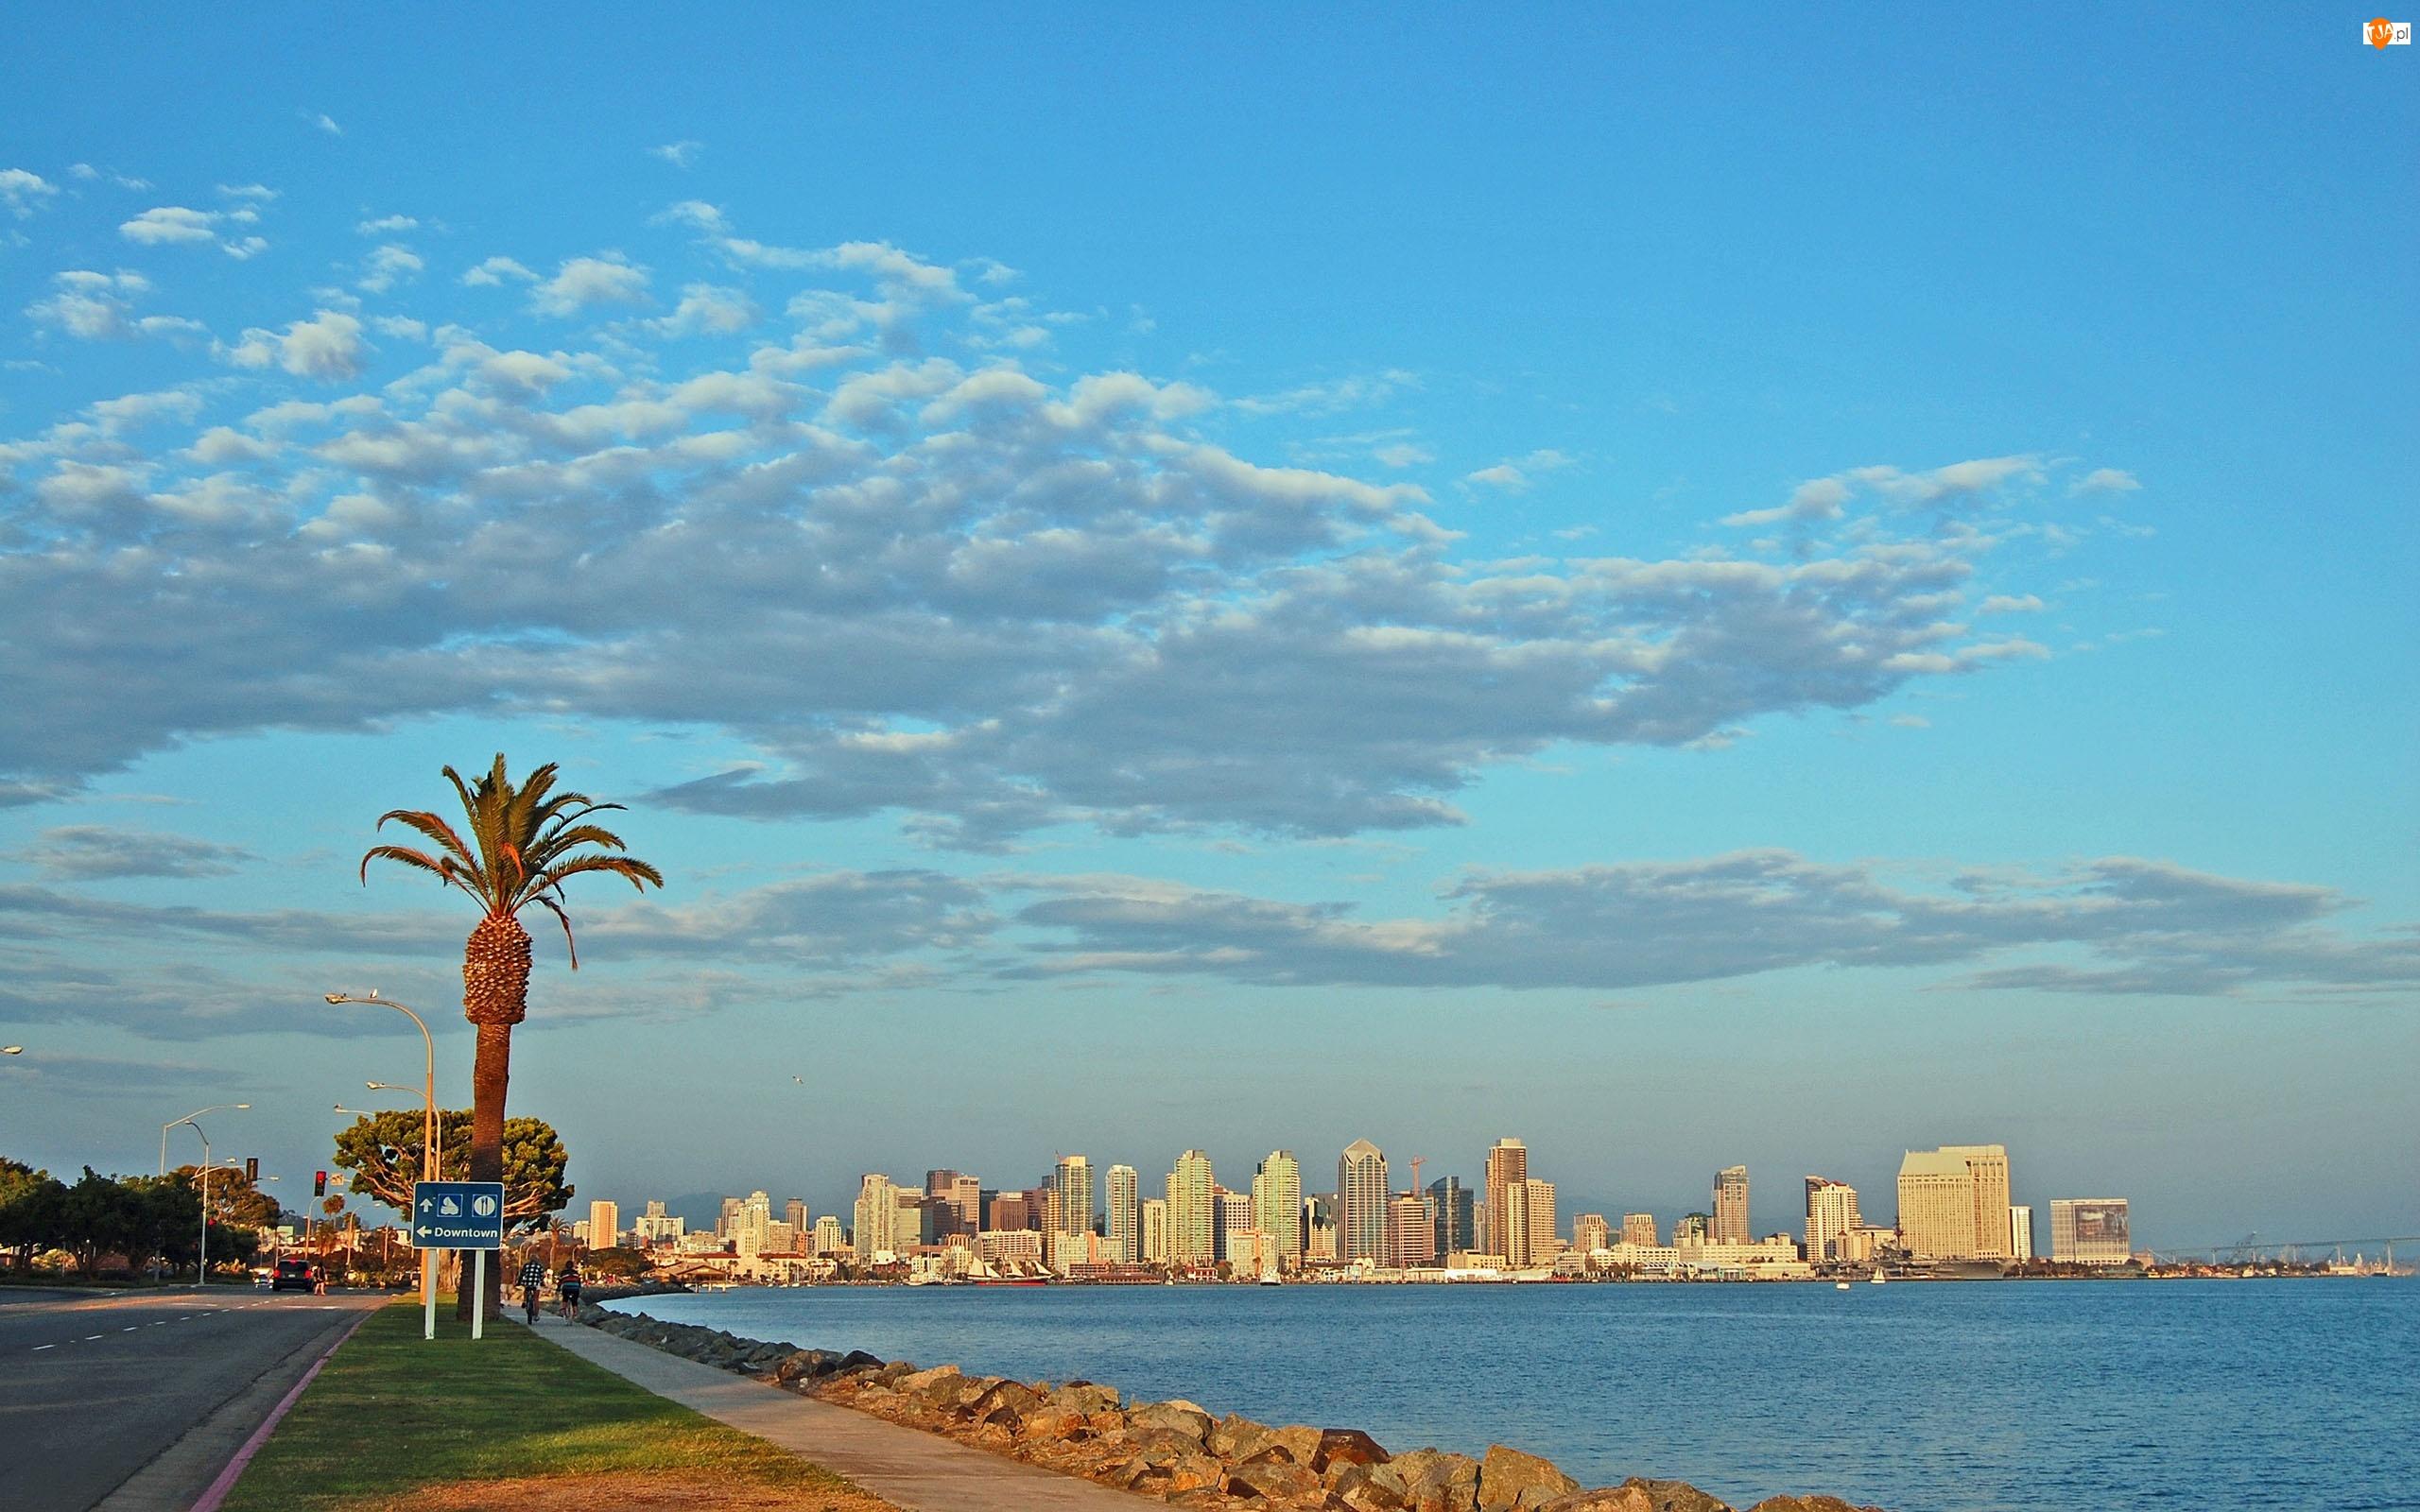 Drapacze Chmur, Palma, Stany Zjednoczone, Chmury, San Diego, Ocean